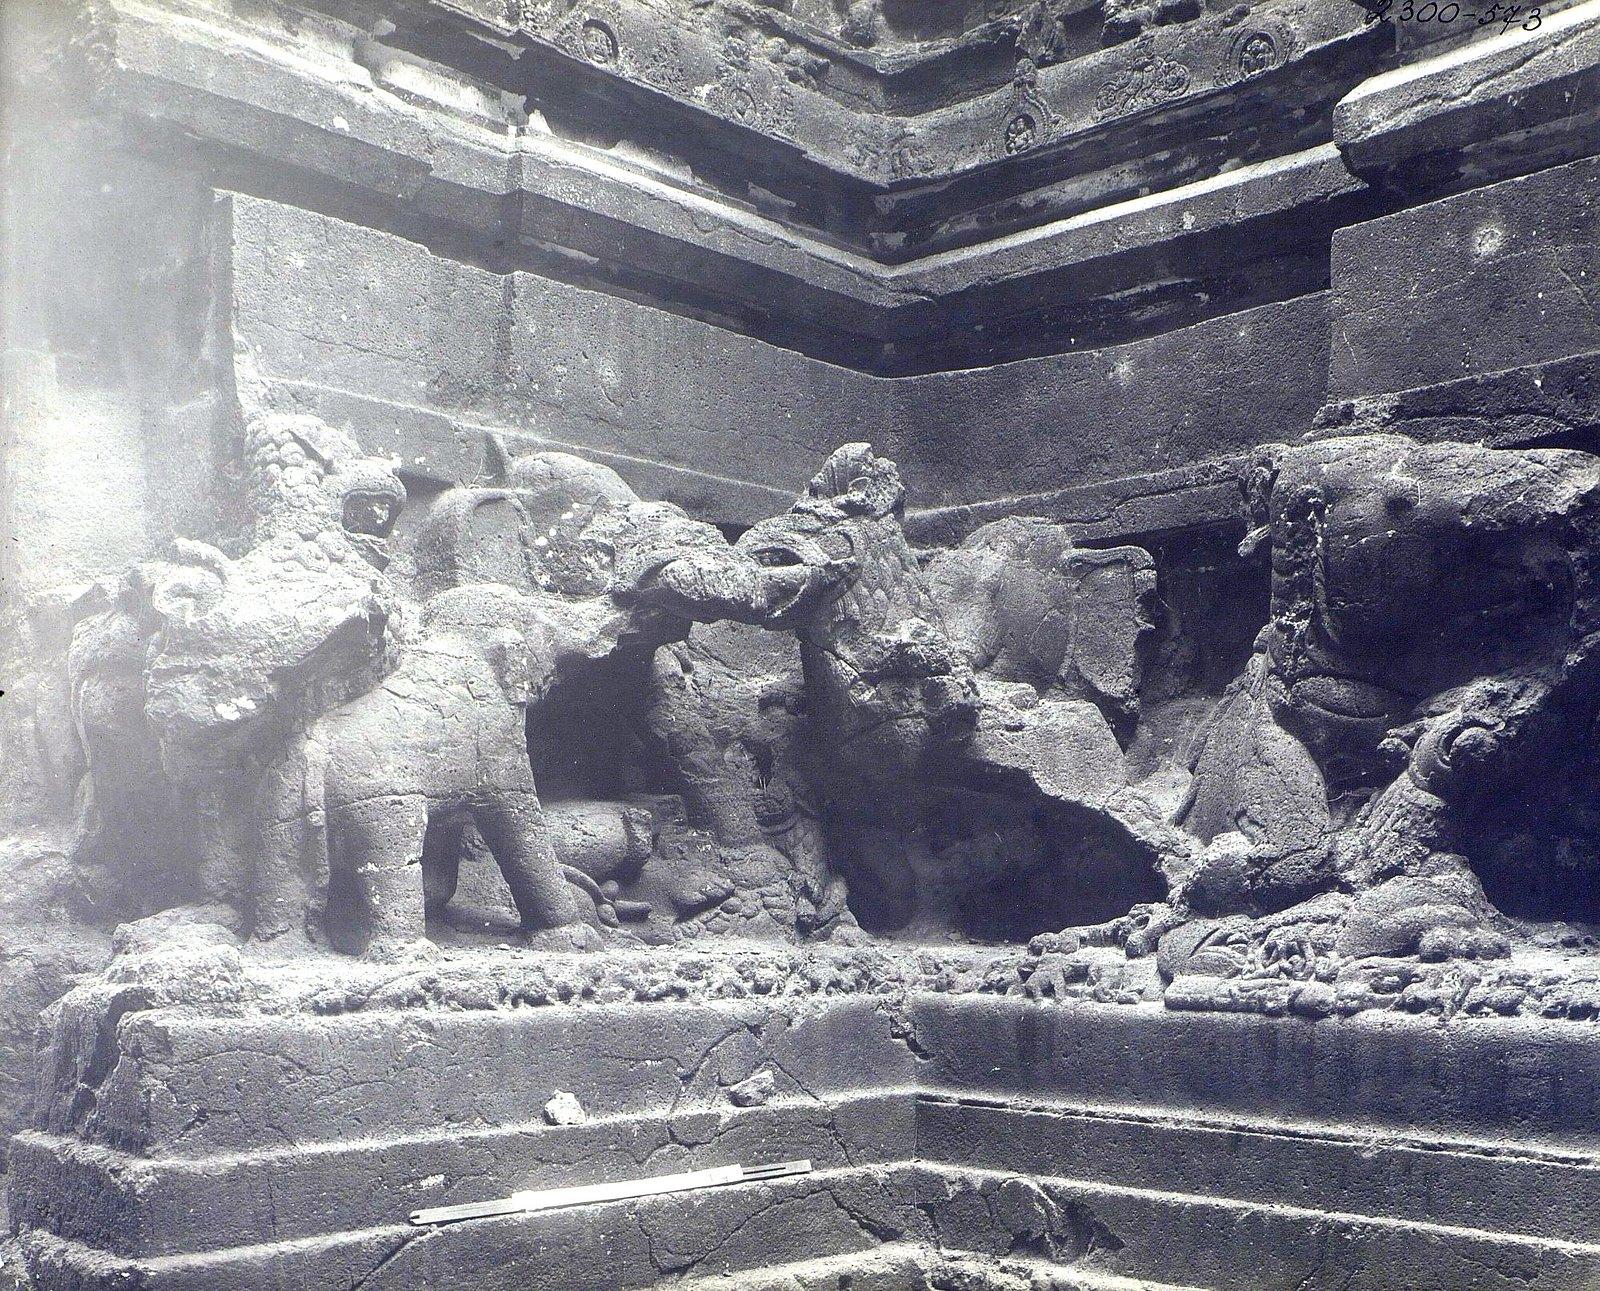 Храм Кайласа в Эллоре (деталь рельефа со слонами и львами) (6)